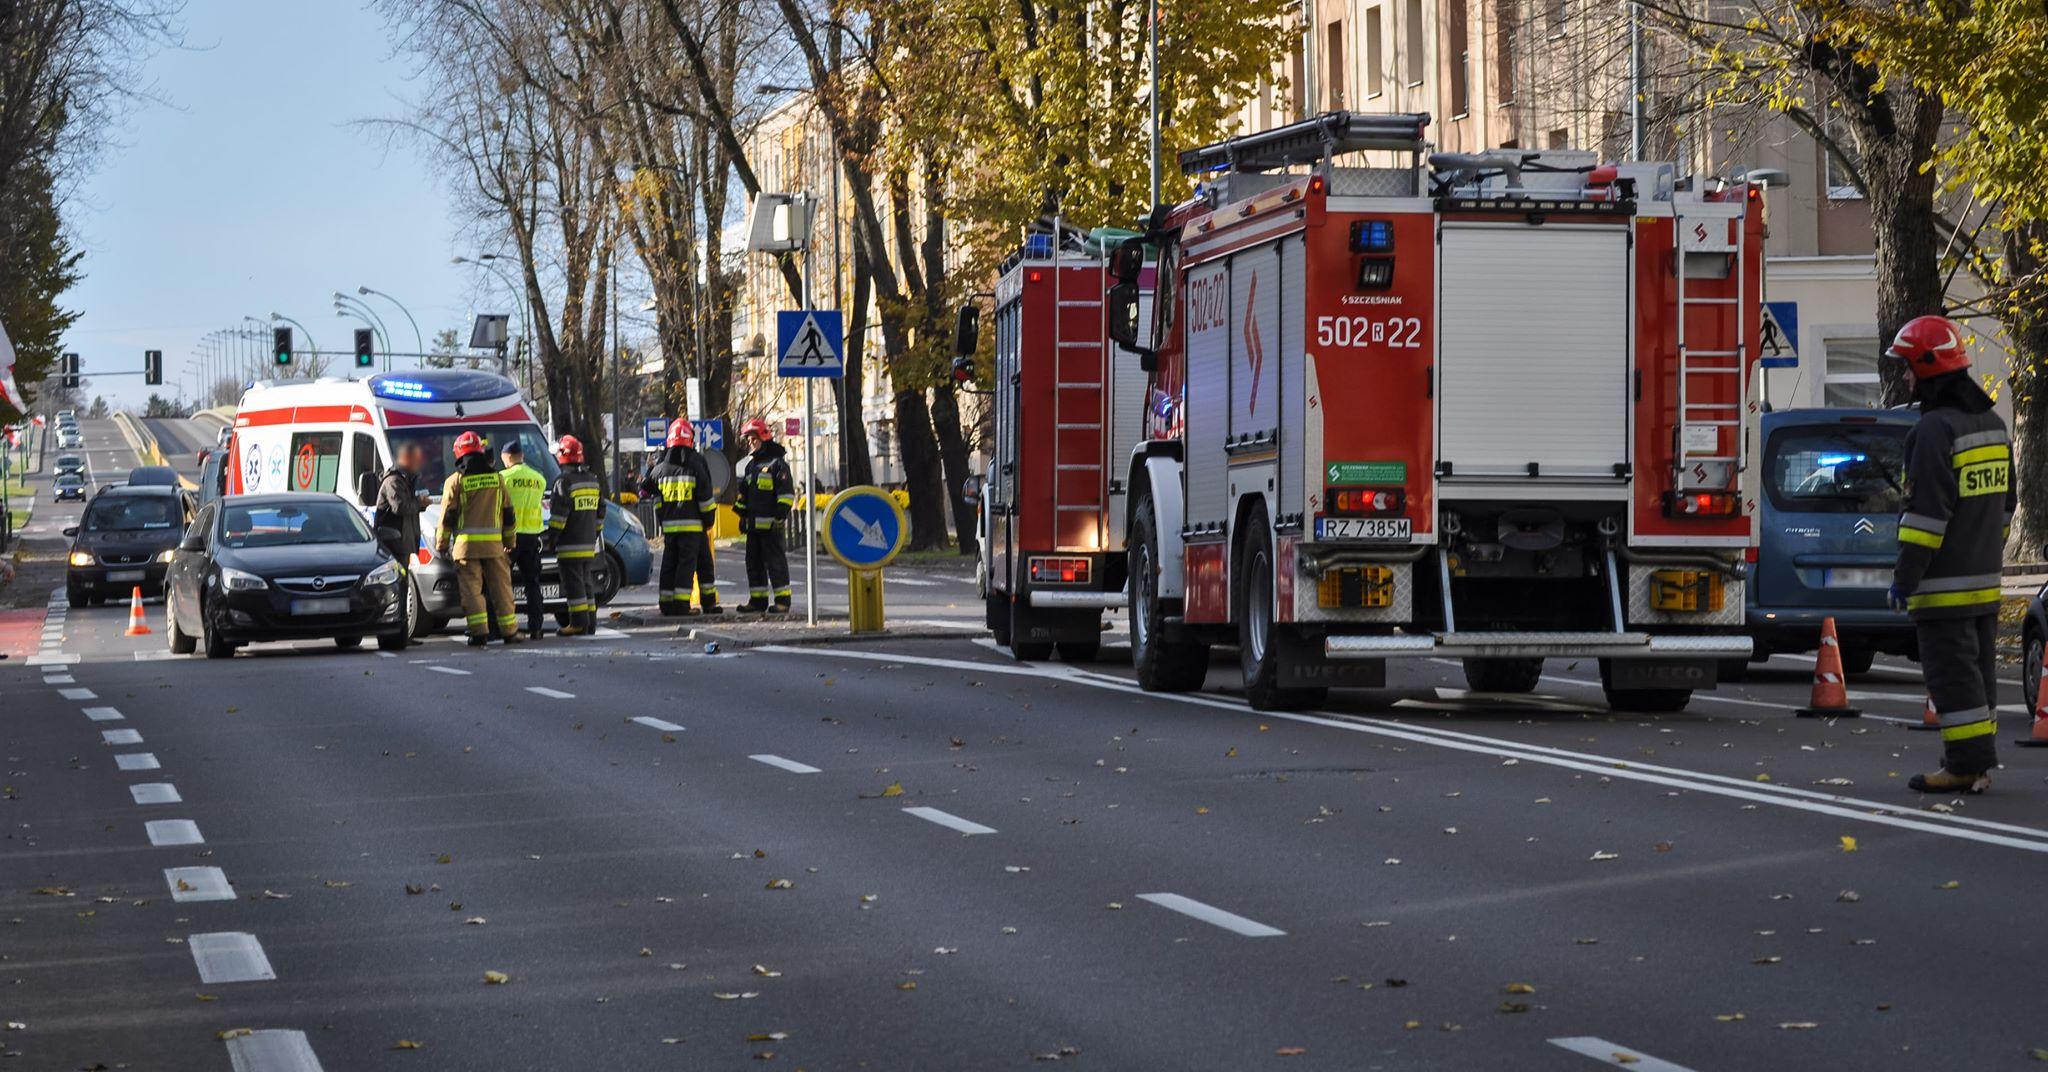 Kobieta potrącona na przejściu dla pieszych! - Zdjęcie główne